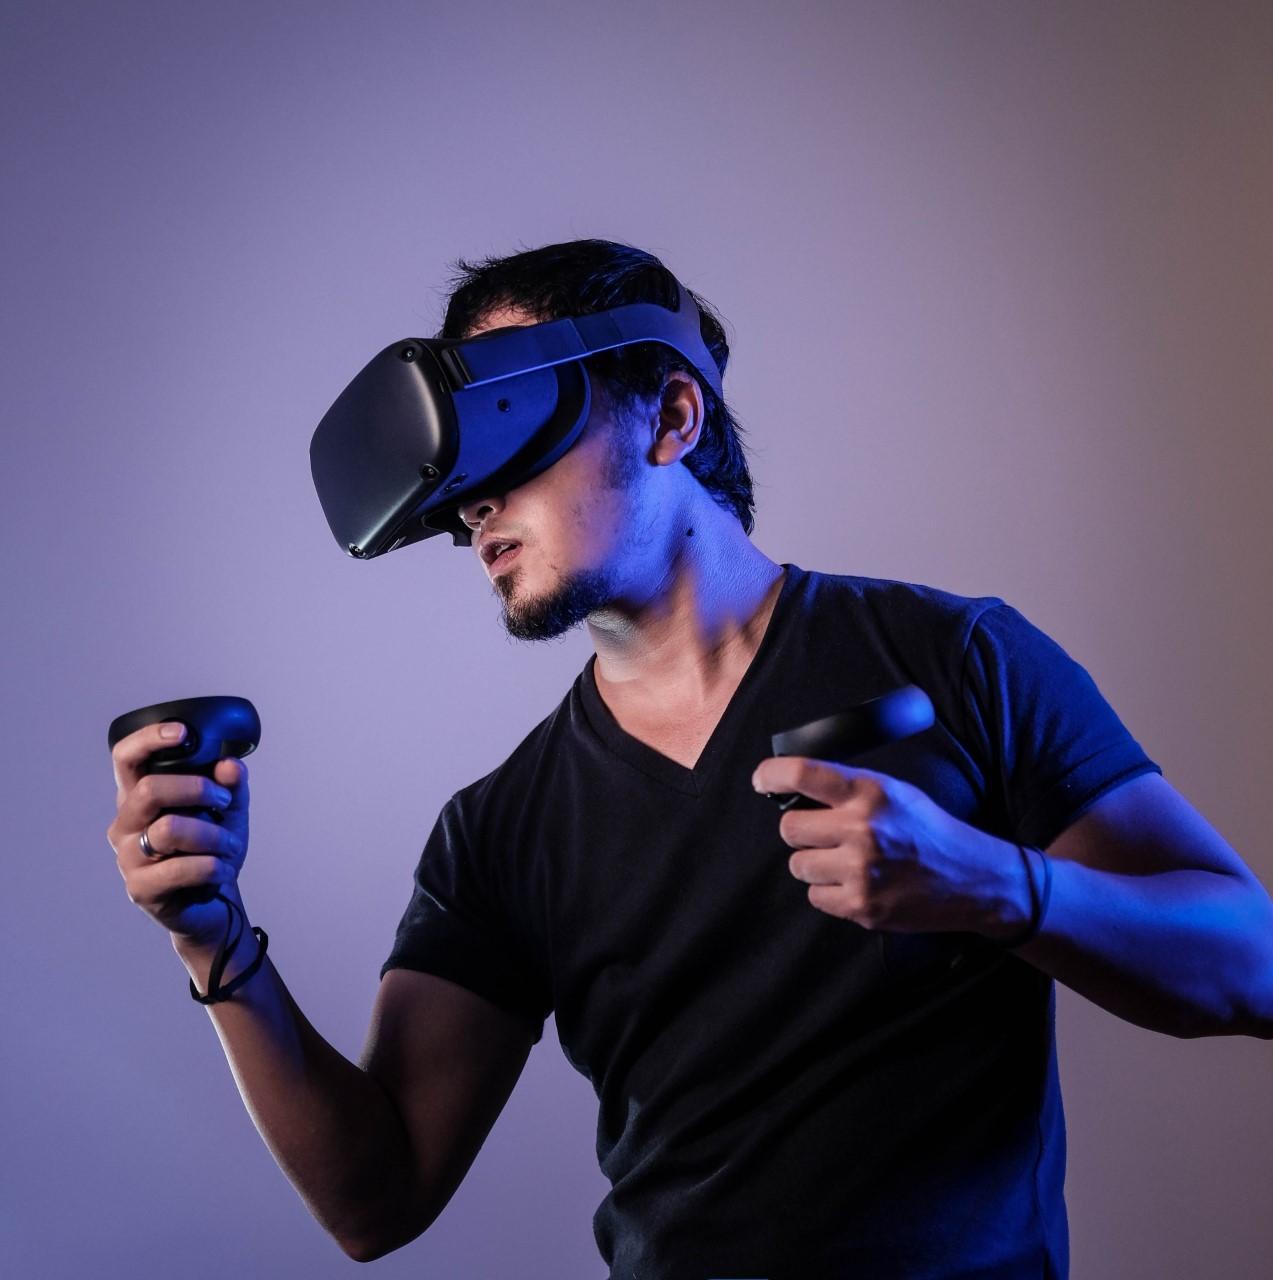 El nuevo producto de Apple: un casco de realidad virtual